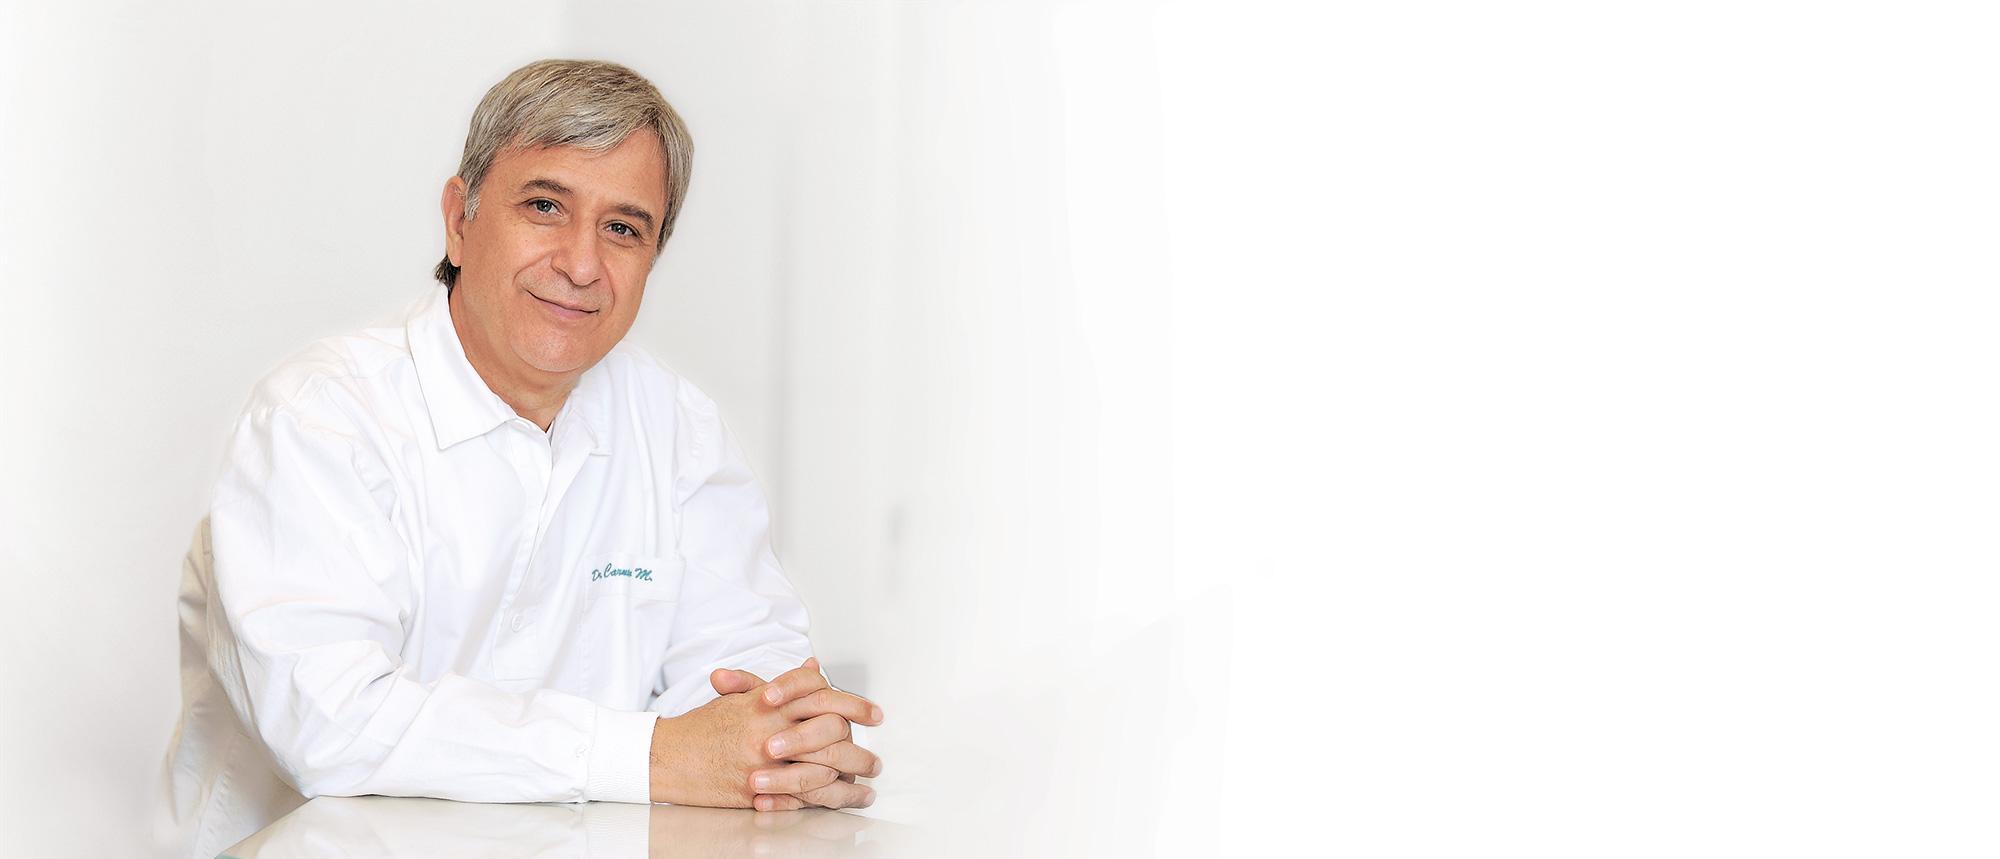 dr-caruso_small